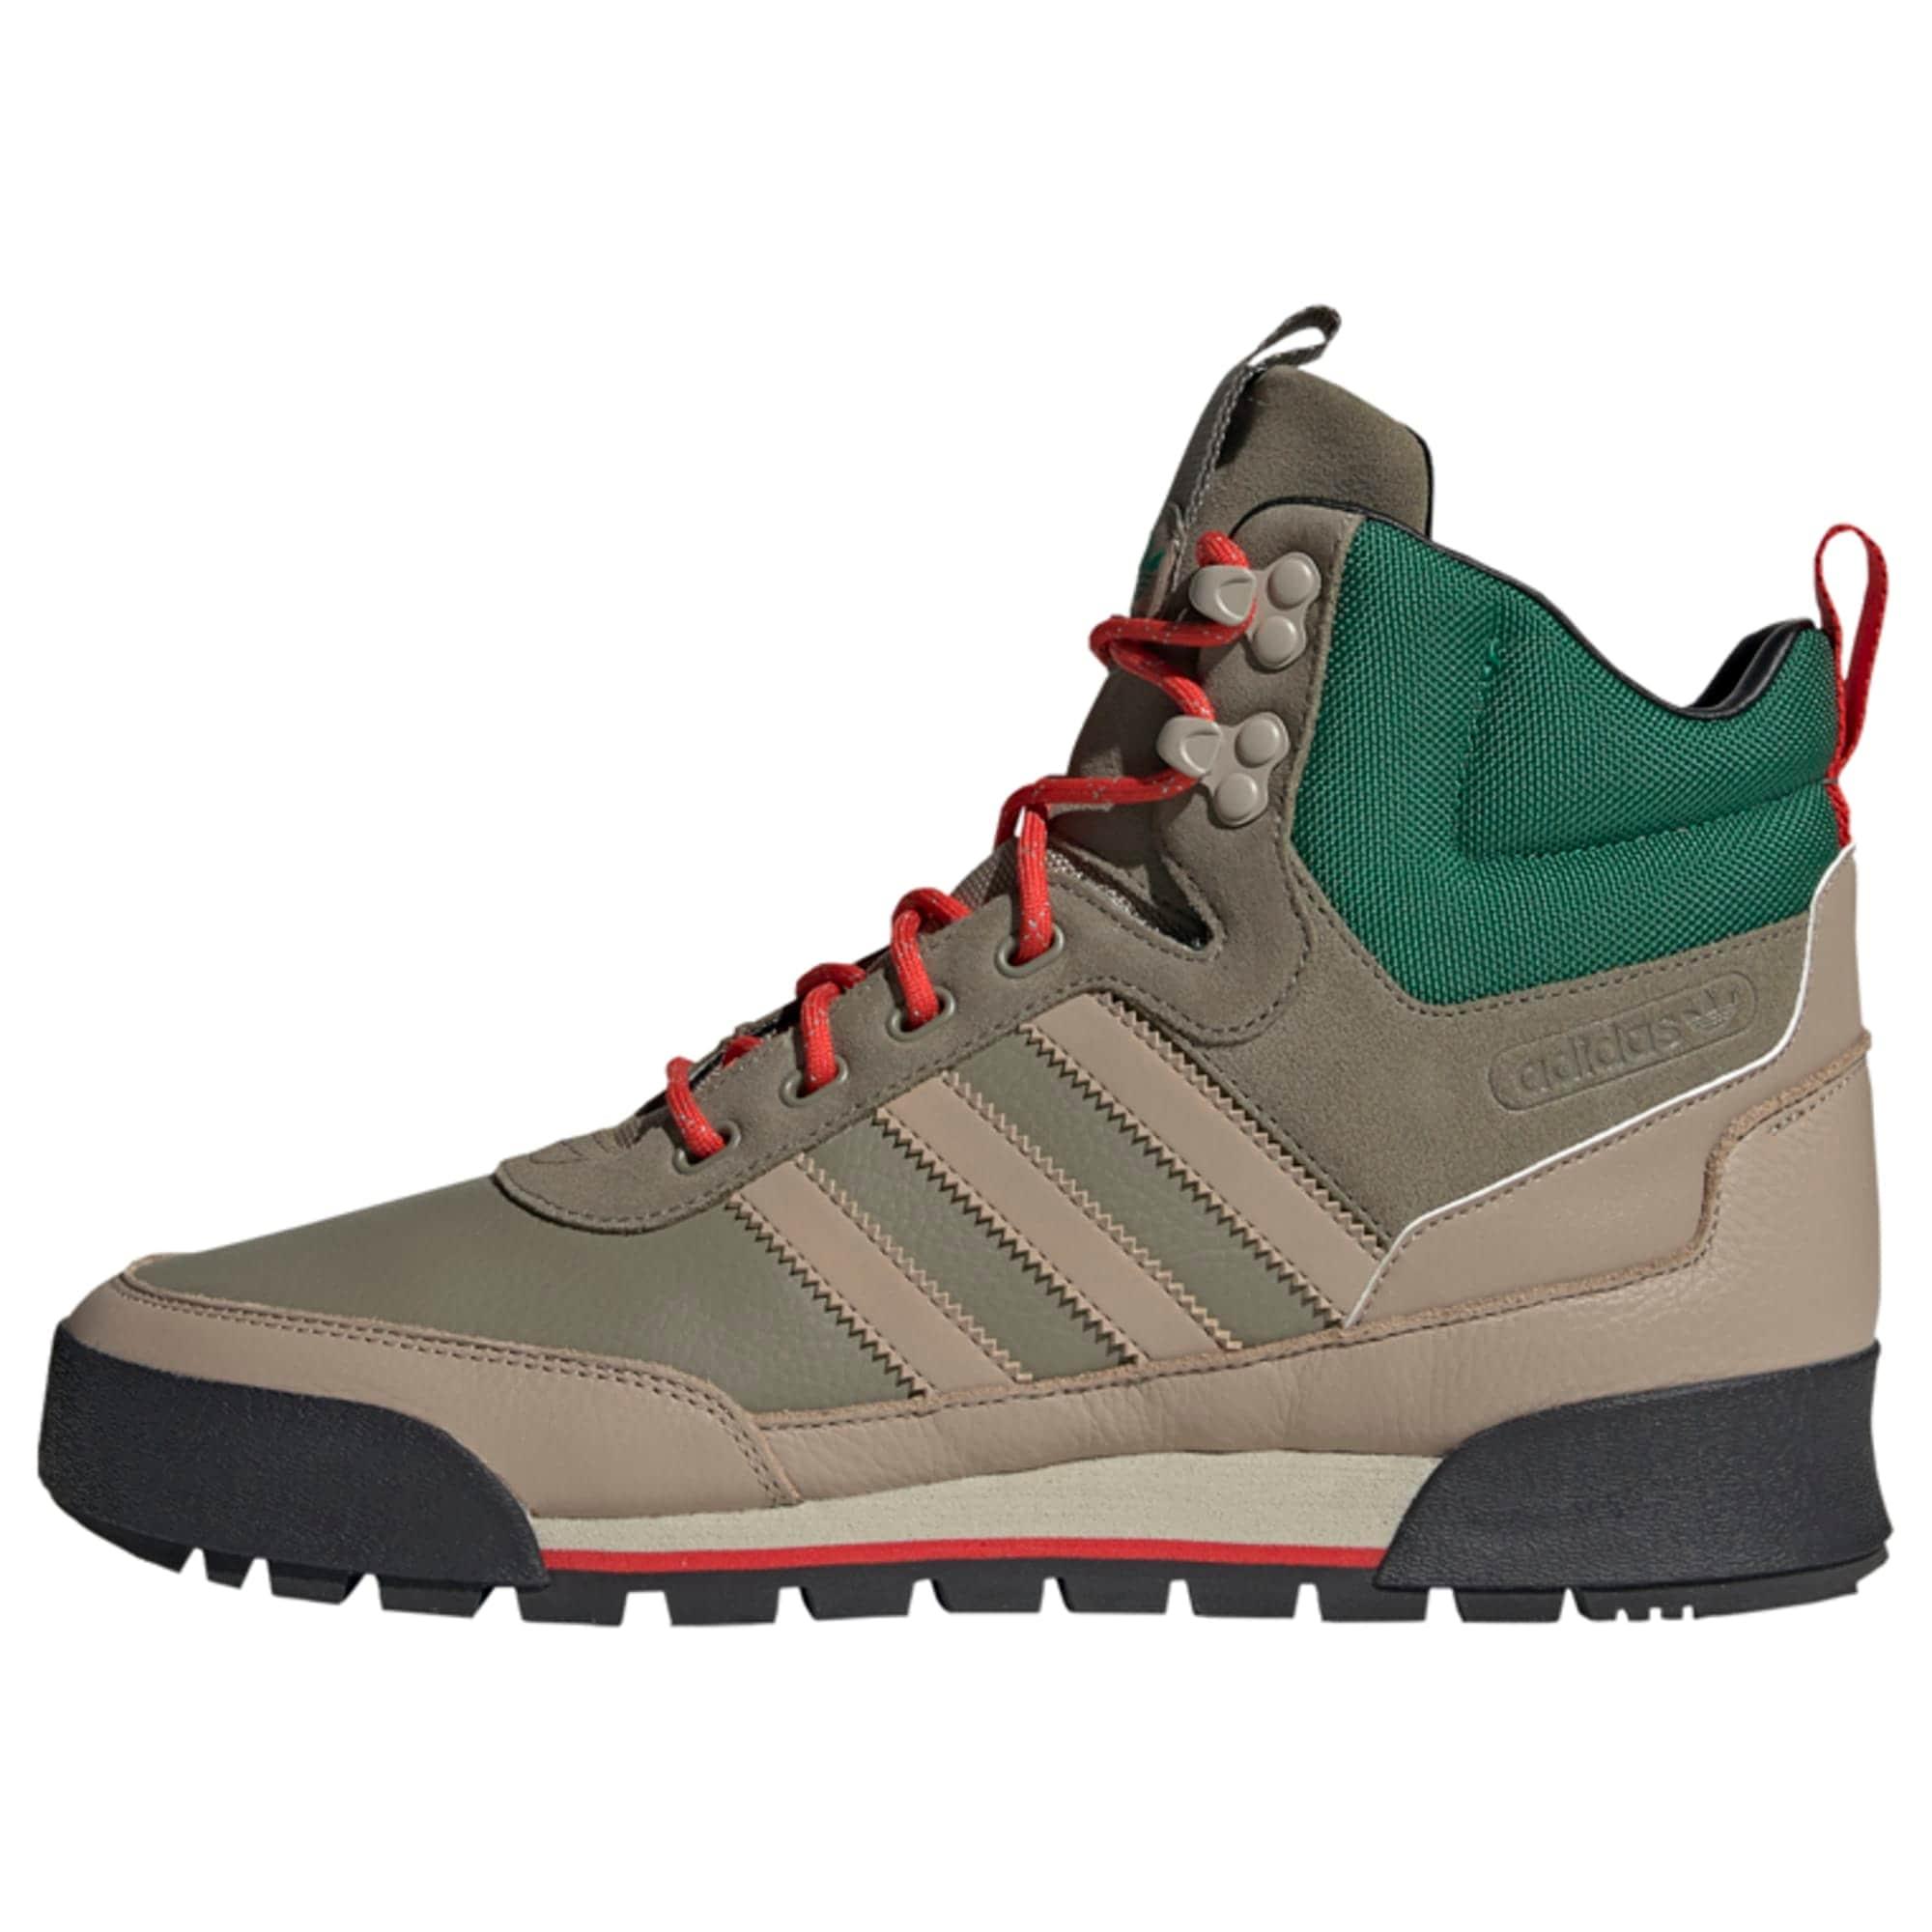 ADIDAS ORIGINALS Auliniai batai su raišteliais tamsiai smėlinė / gelsvai pilka spalva / žolės žalia